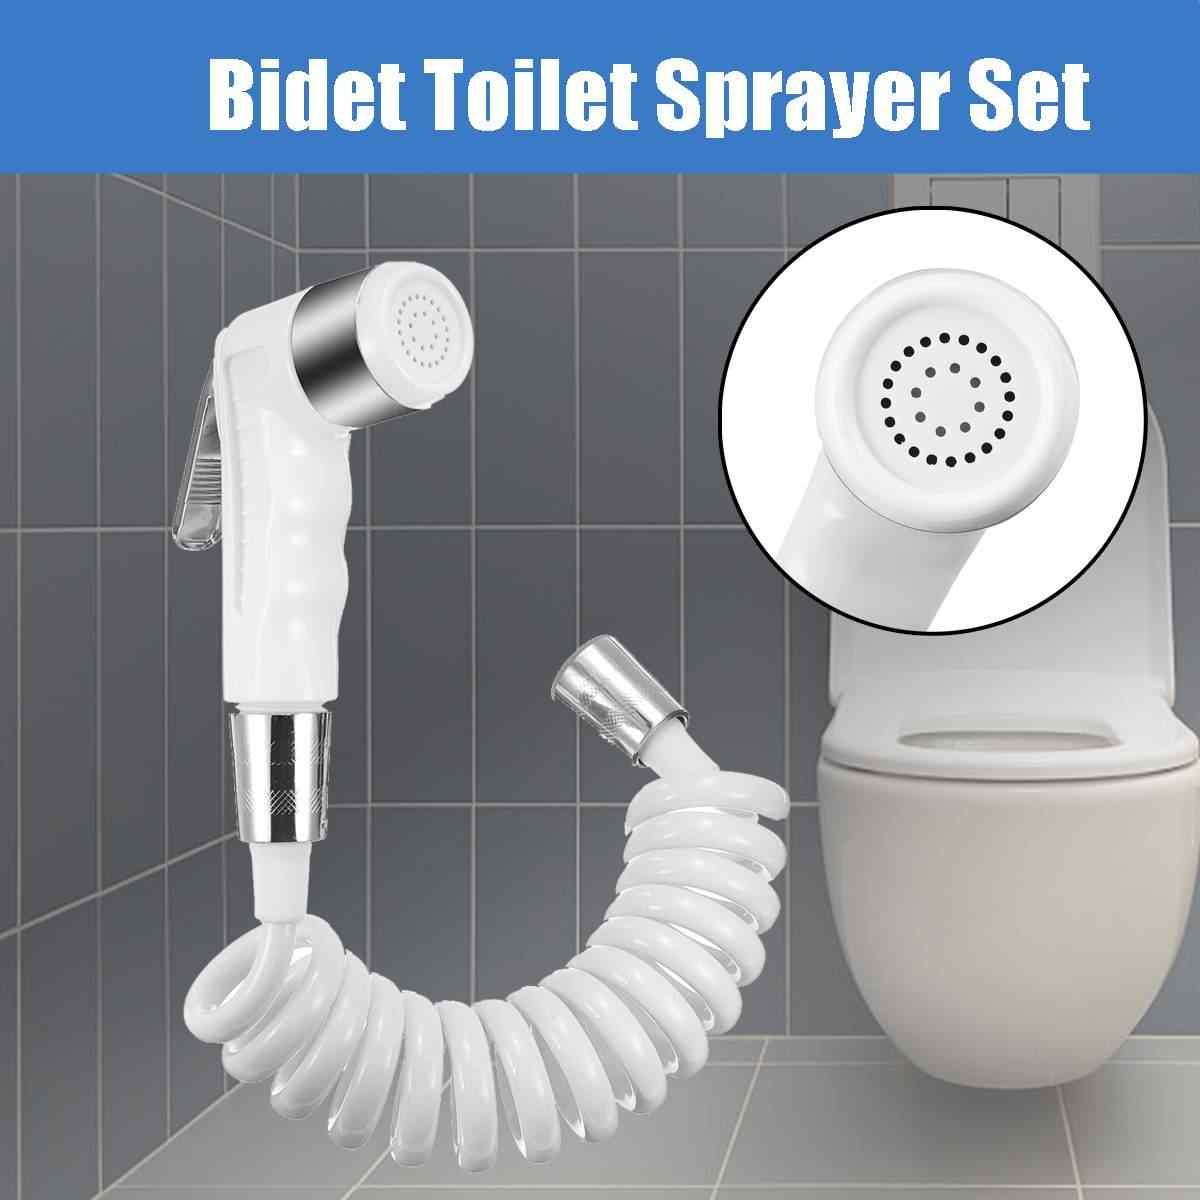 Wit Abs Handheld Draagbare Bidet Wc Nozzle Spuit Set Badkamer Bidet Head Nozzle Met 1.5M Elastische Doucheslang